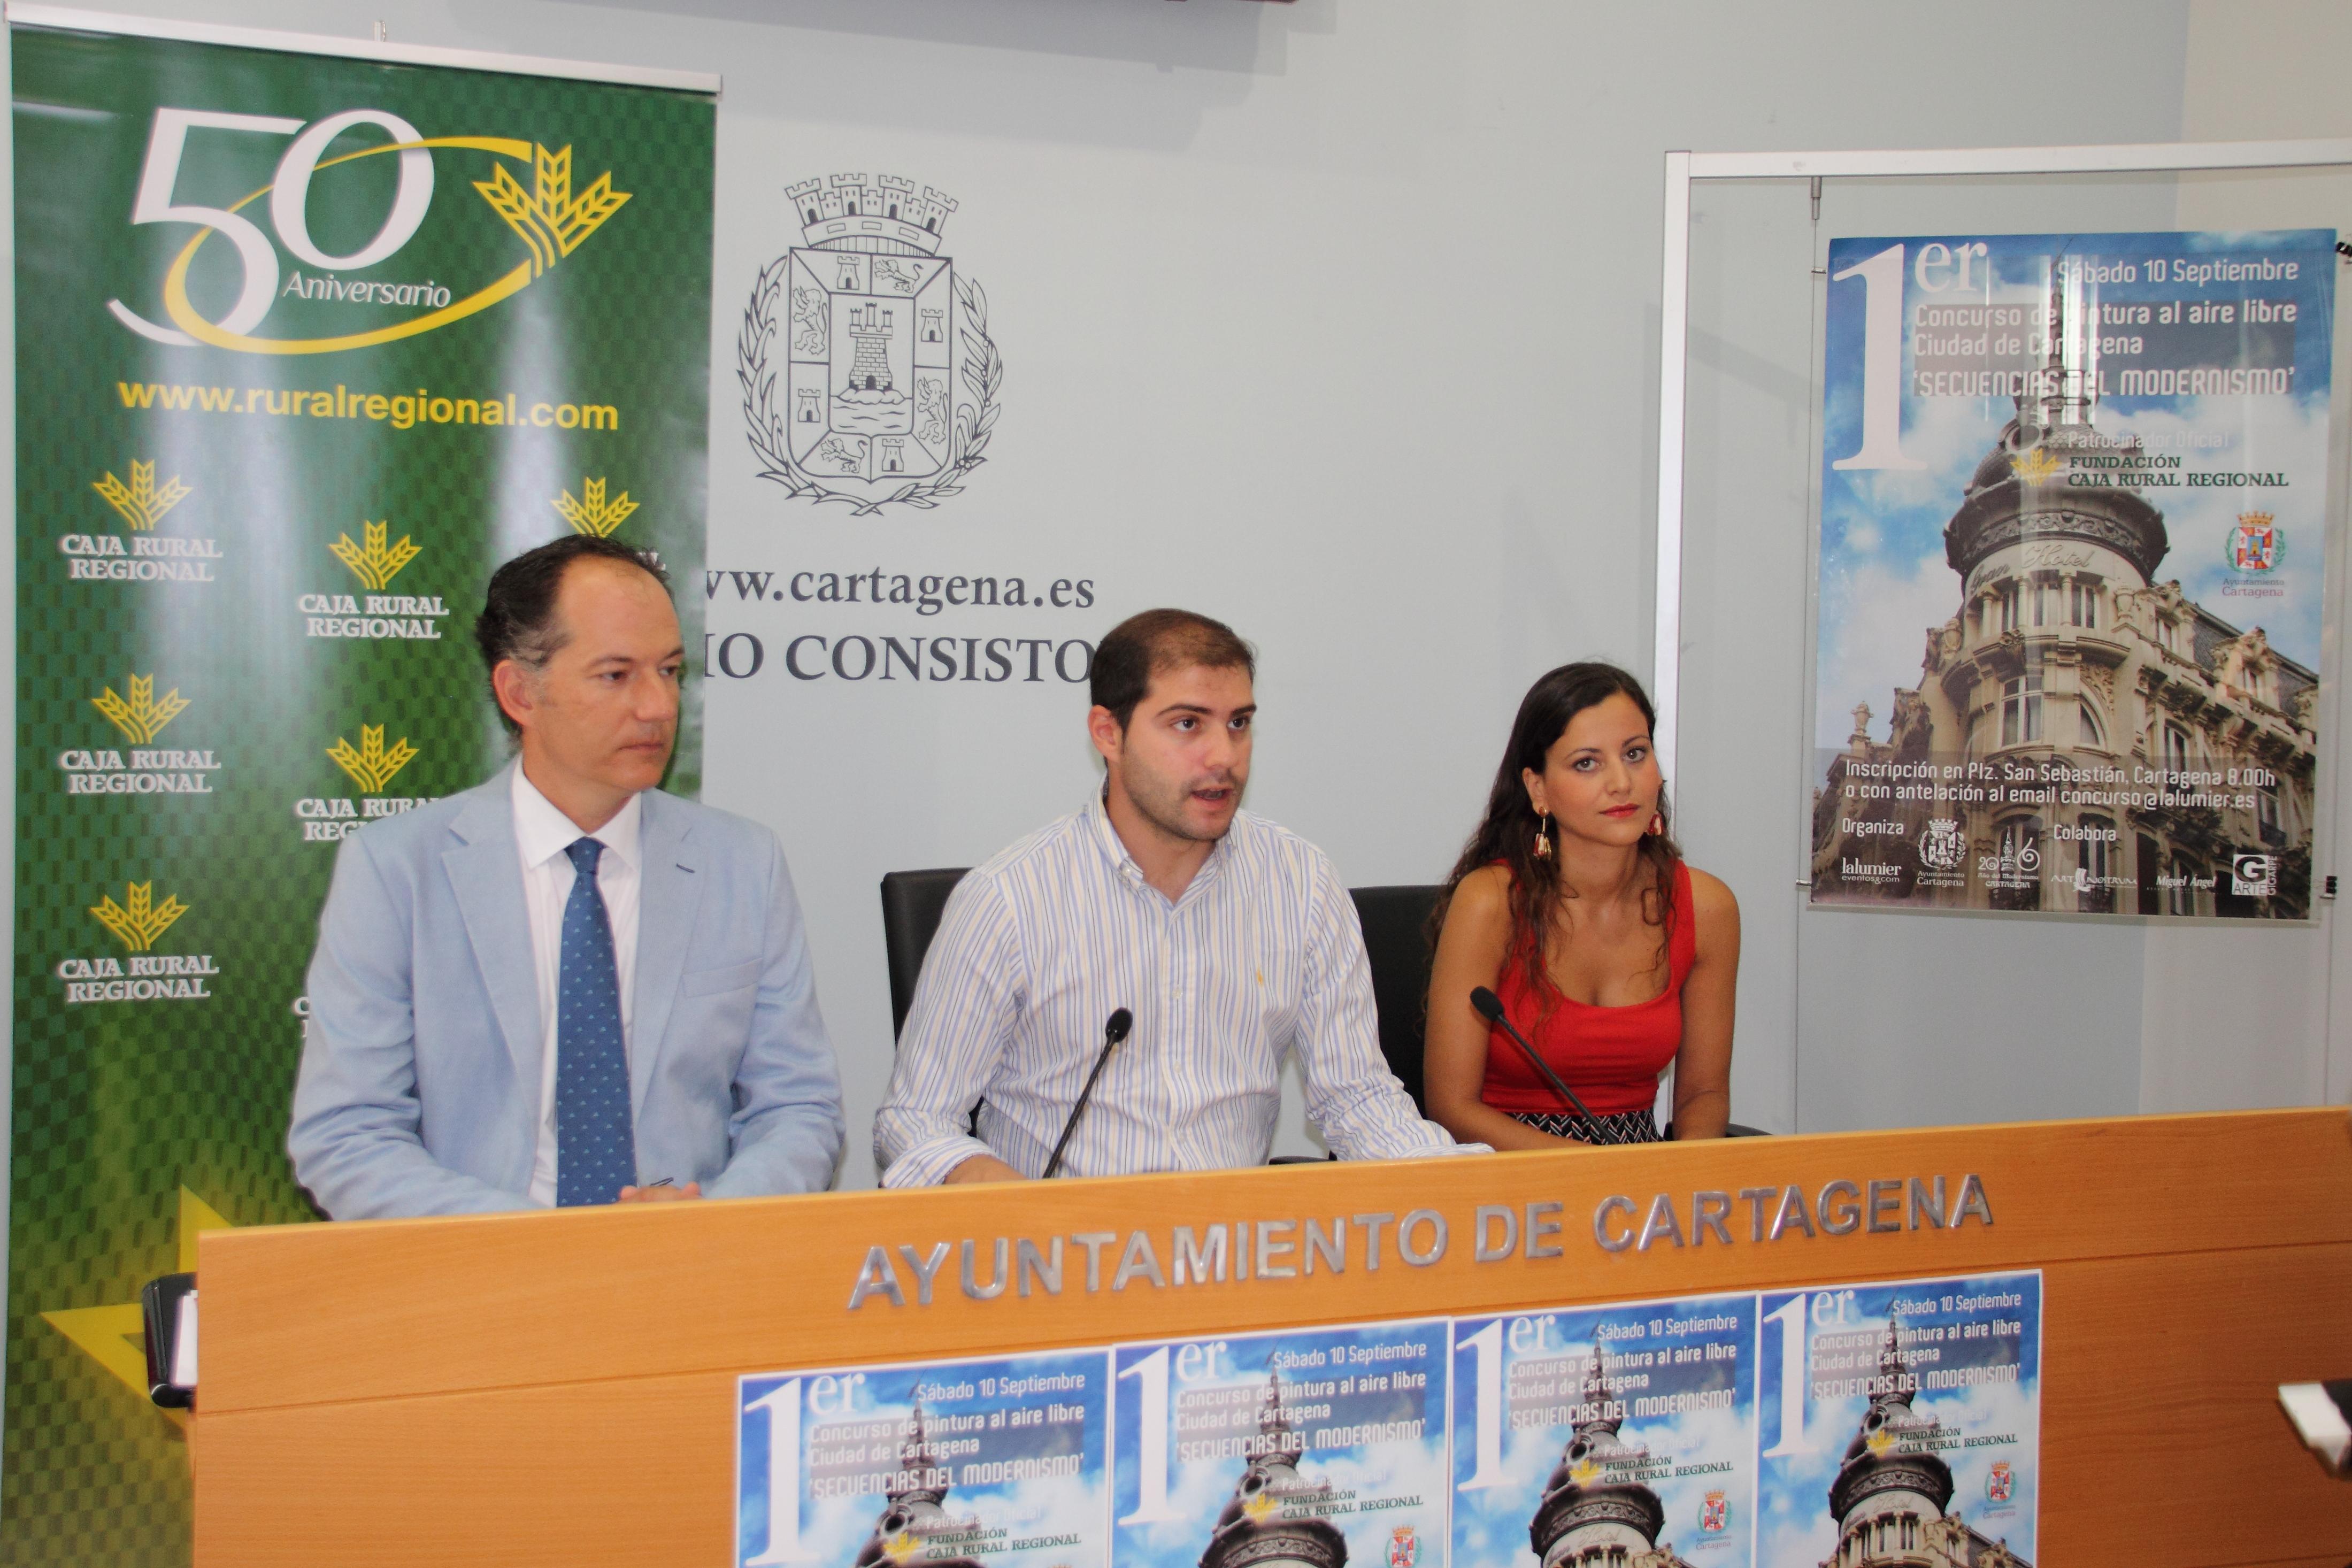 Concurso Pintura Cartagena Caja Rural Regional